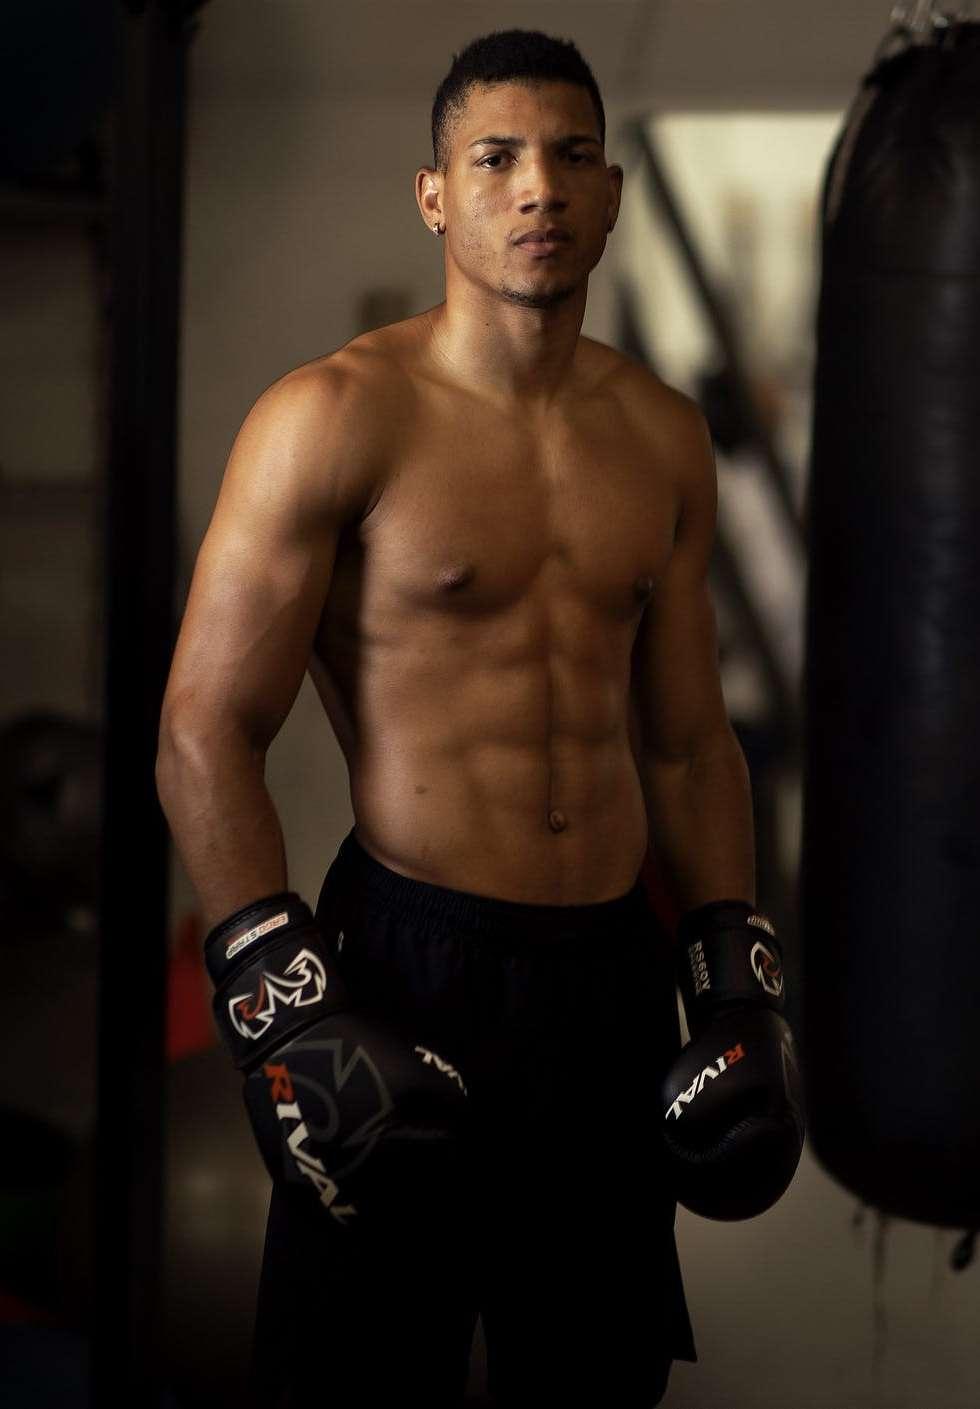 Hướng dẫn tập boxing tại nhà